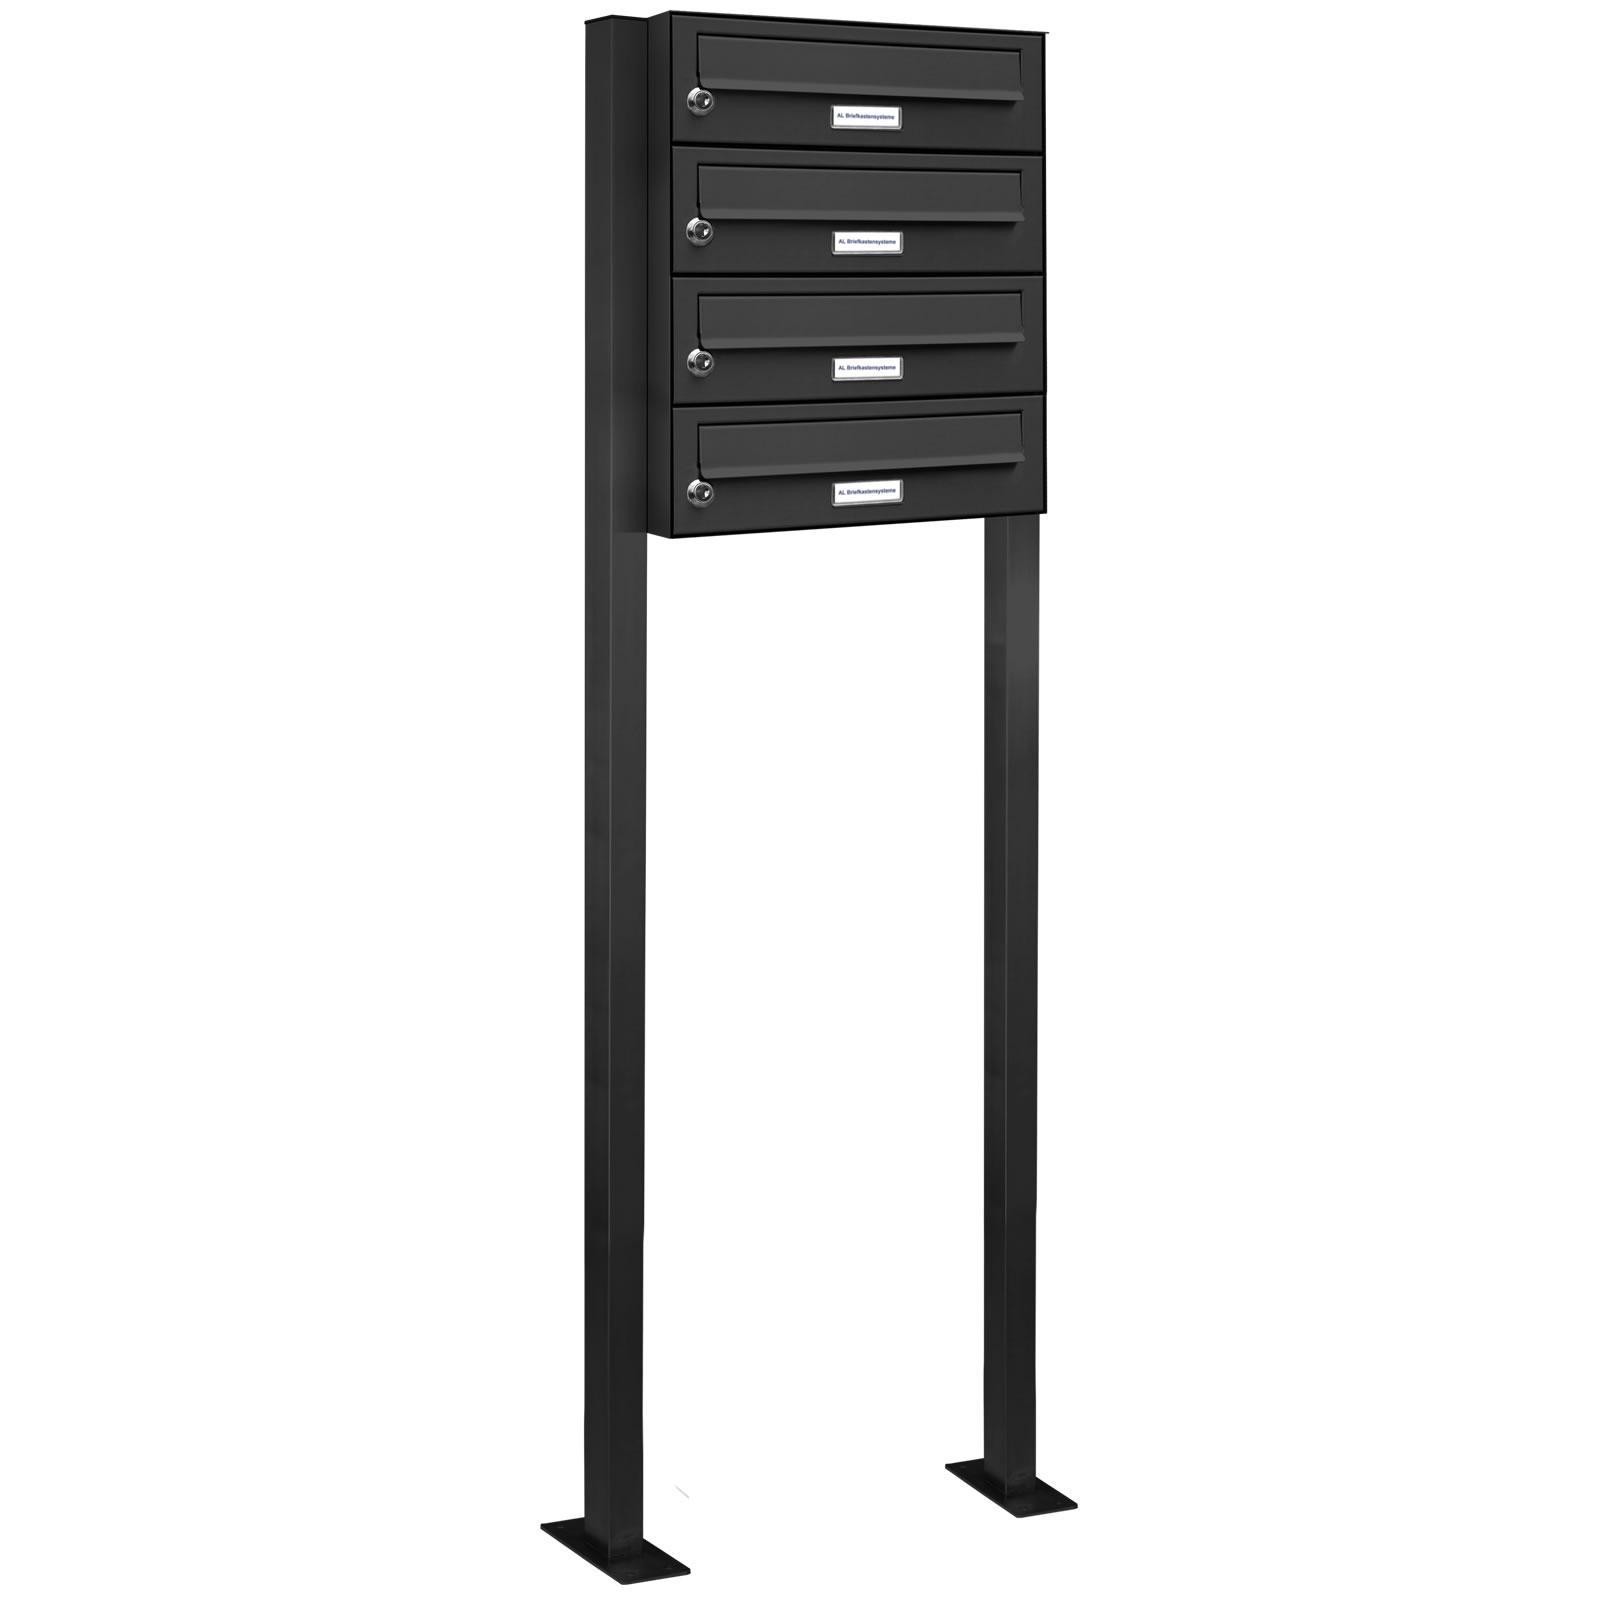 4er standbriefkasten anlage freistehend ral 7016 anthrazit ebay. Black Bedroom Furniture Sets. Home Design Ideas